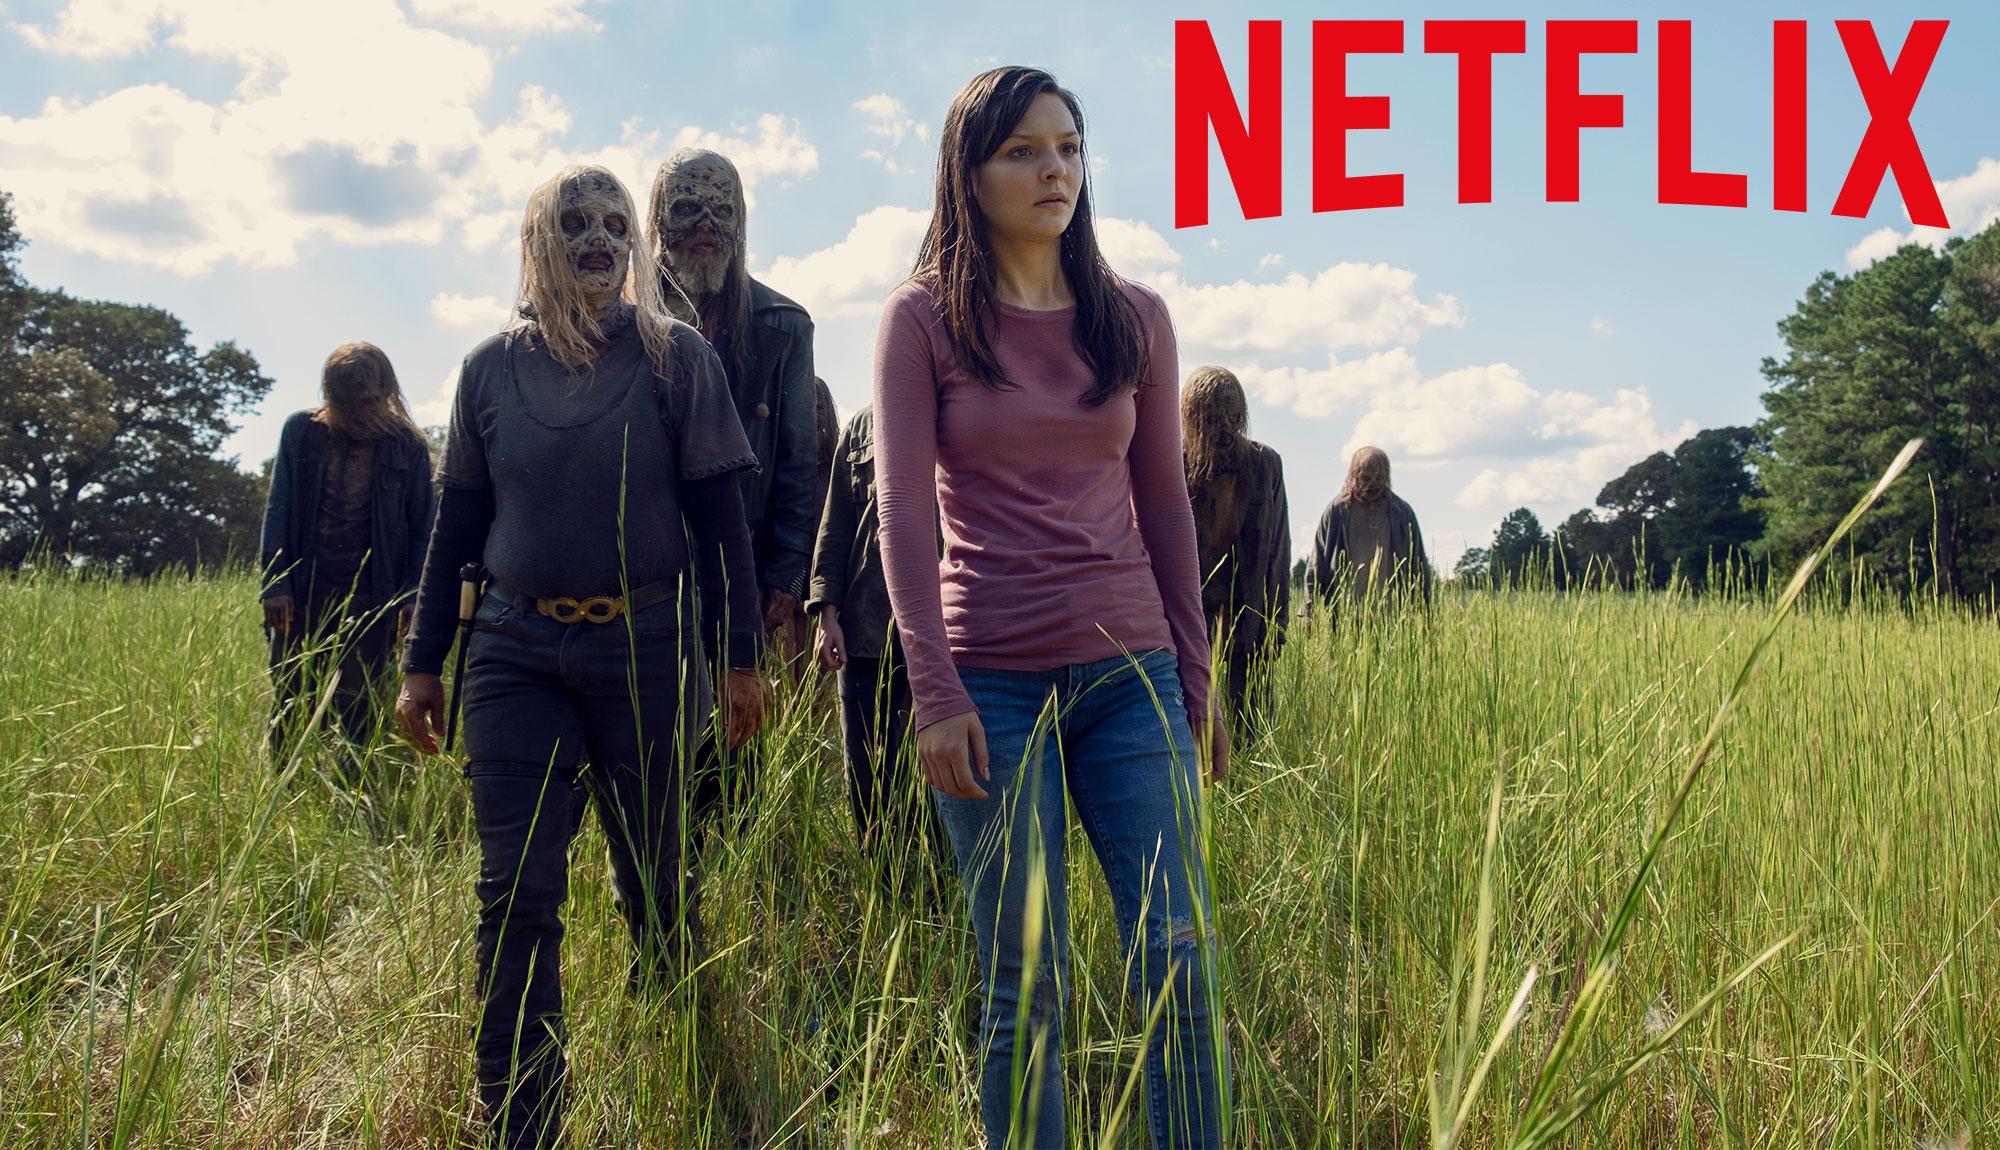 The Walking Dead Season 9 Gets Netflix Release Date